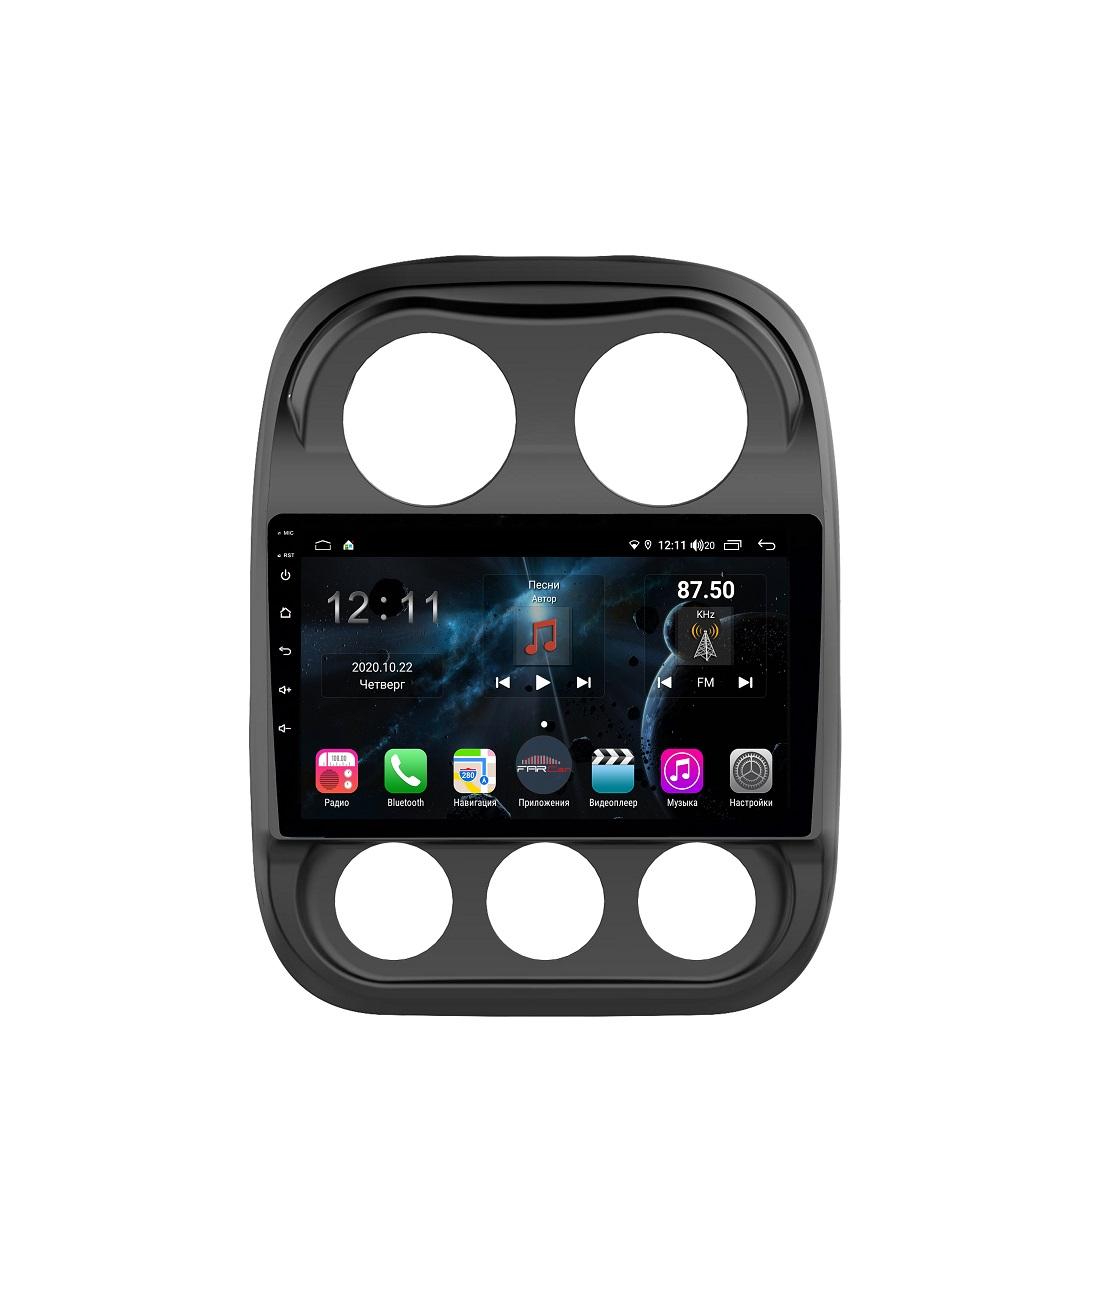 Штатная магнитола FarCar s400 для Jeep Compass I на Android (H1078R) (+ Камера заднего вида в подарок!)